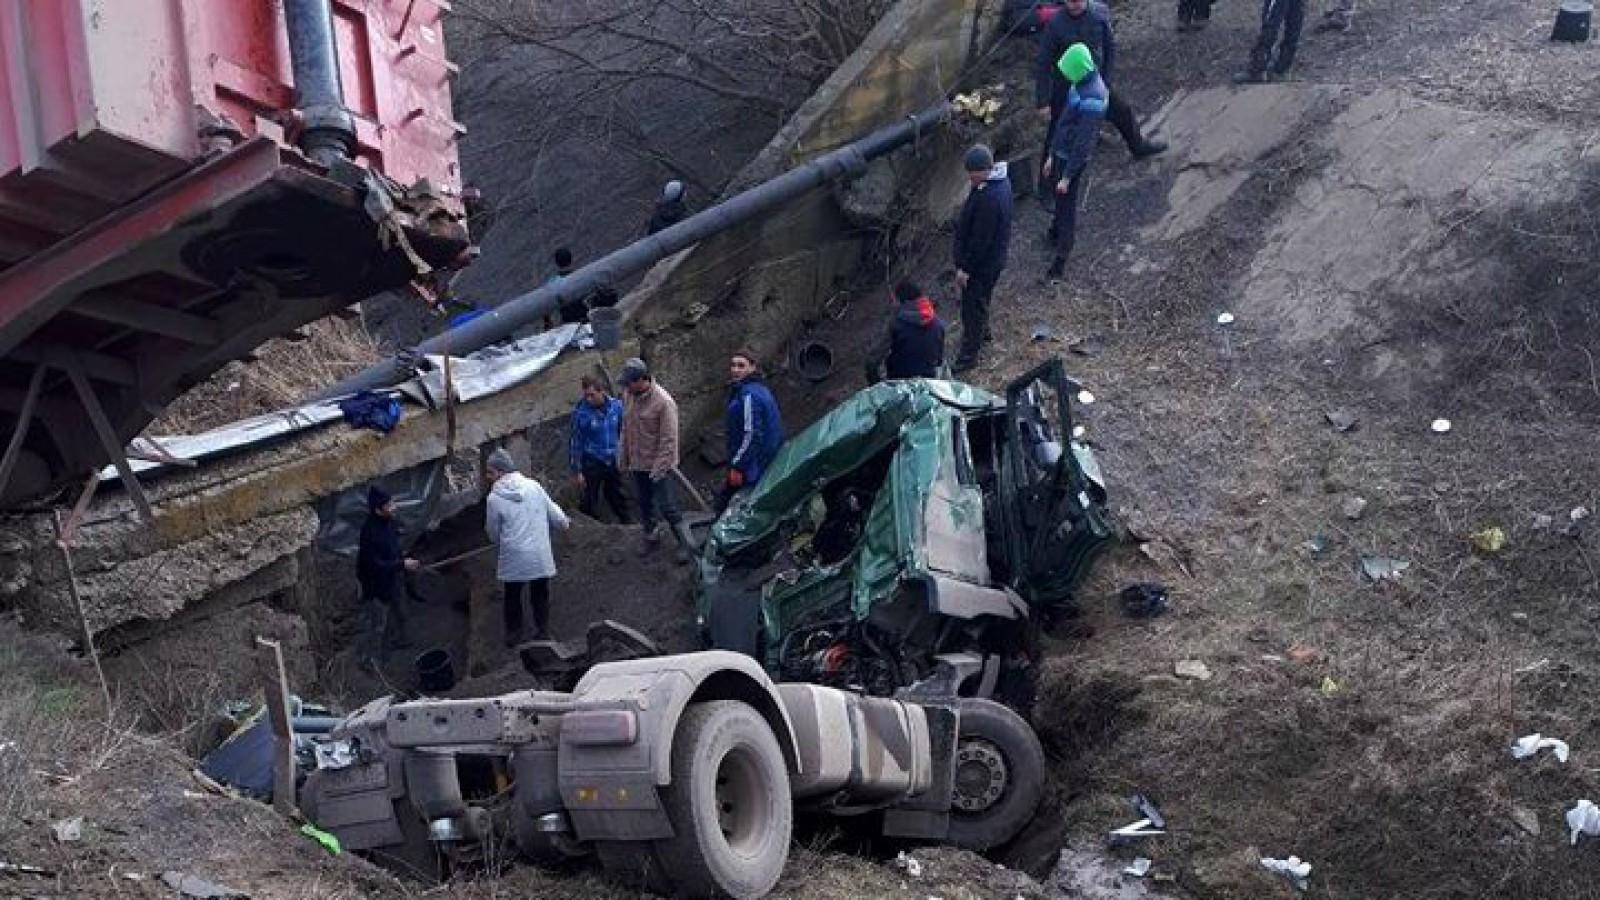 (foto) Accident șocant la Taraclia: Un TIR, făcut zob după ce a căzut de pe un pod